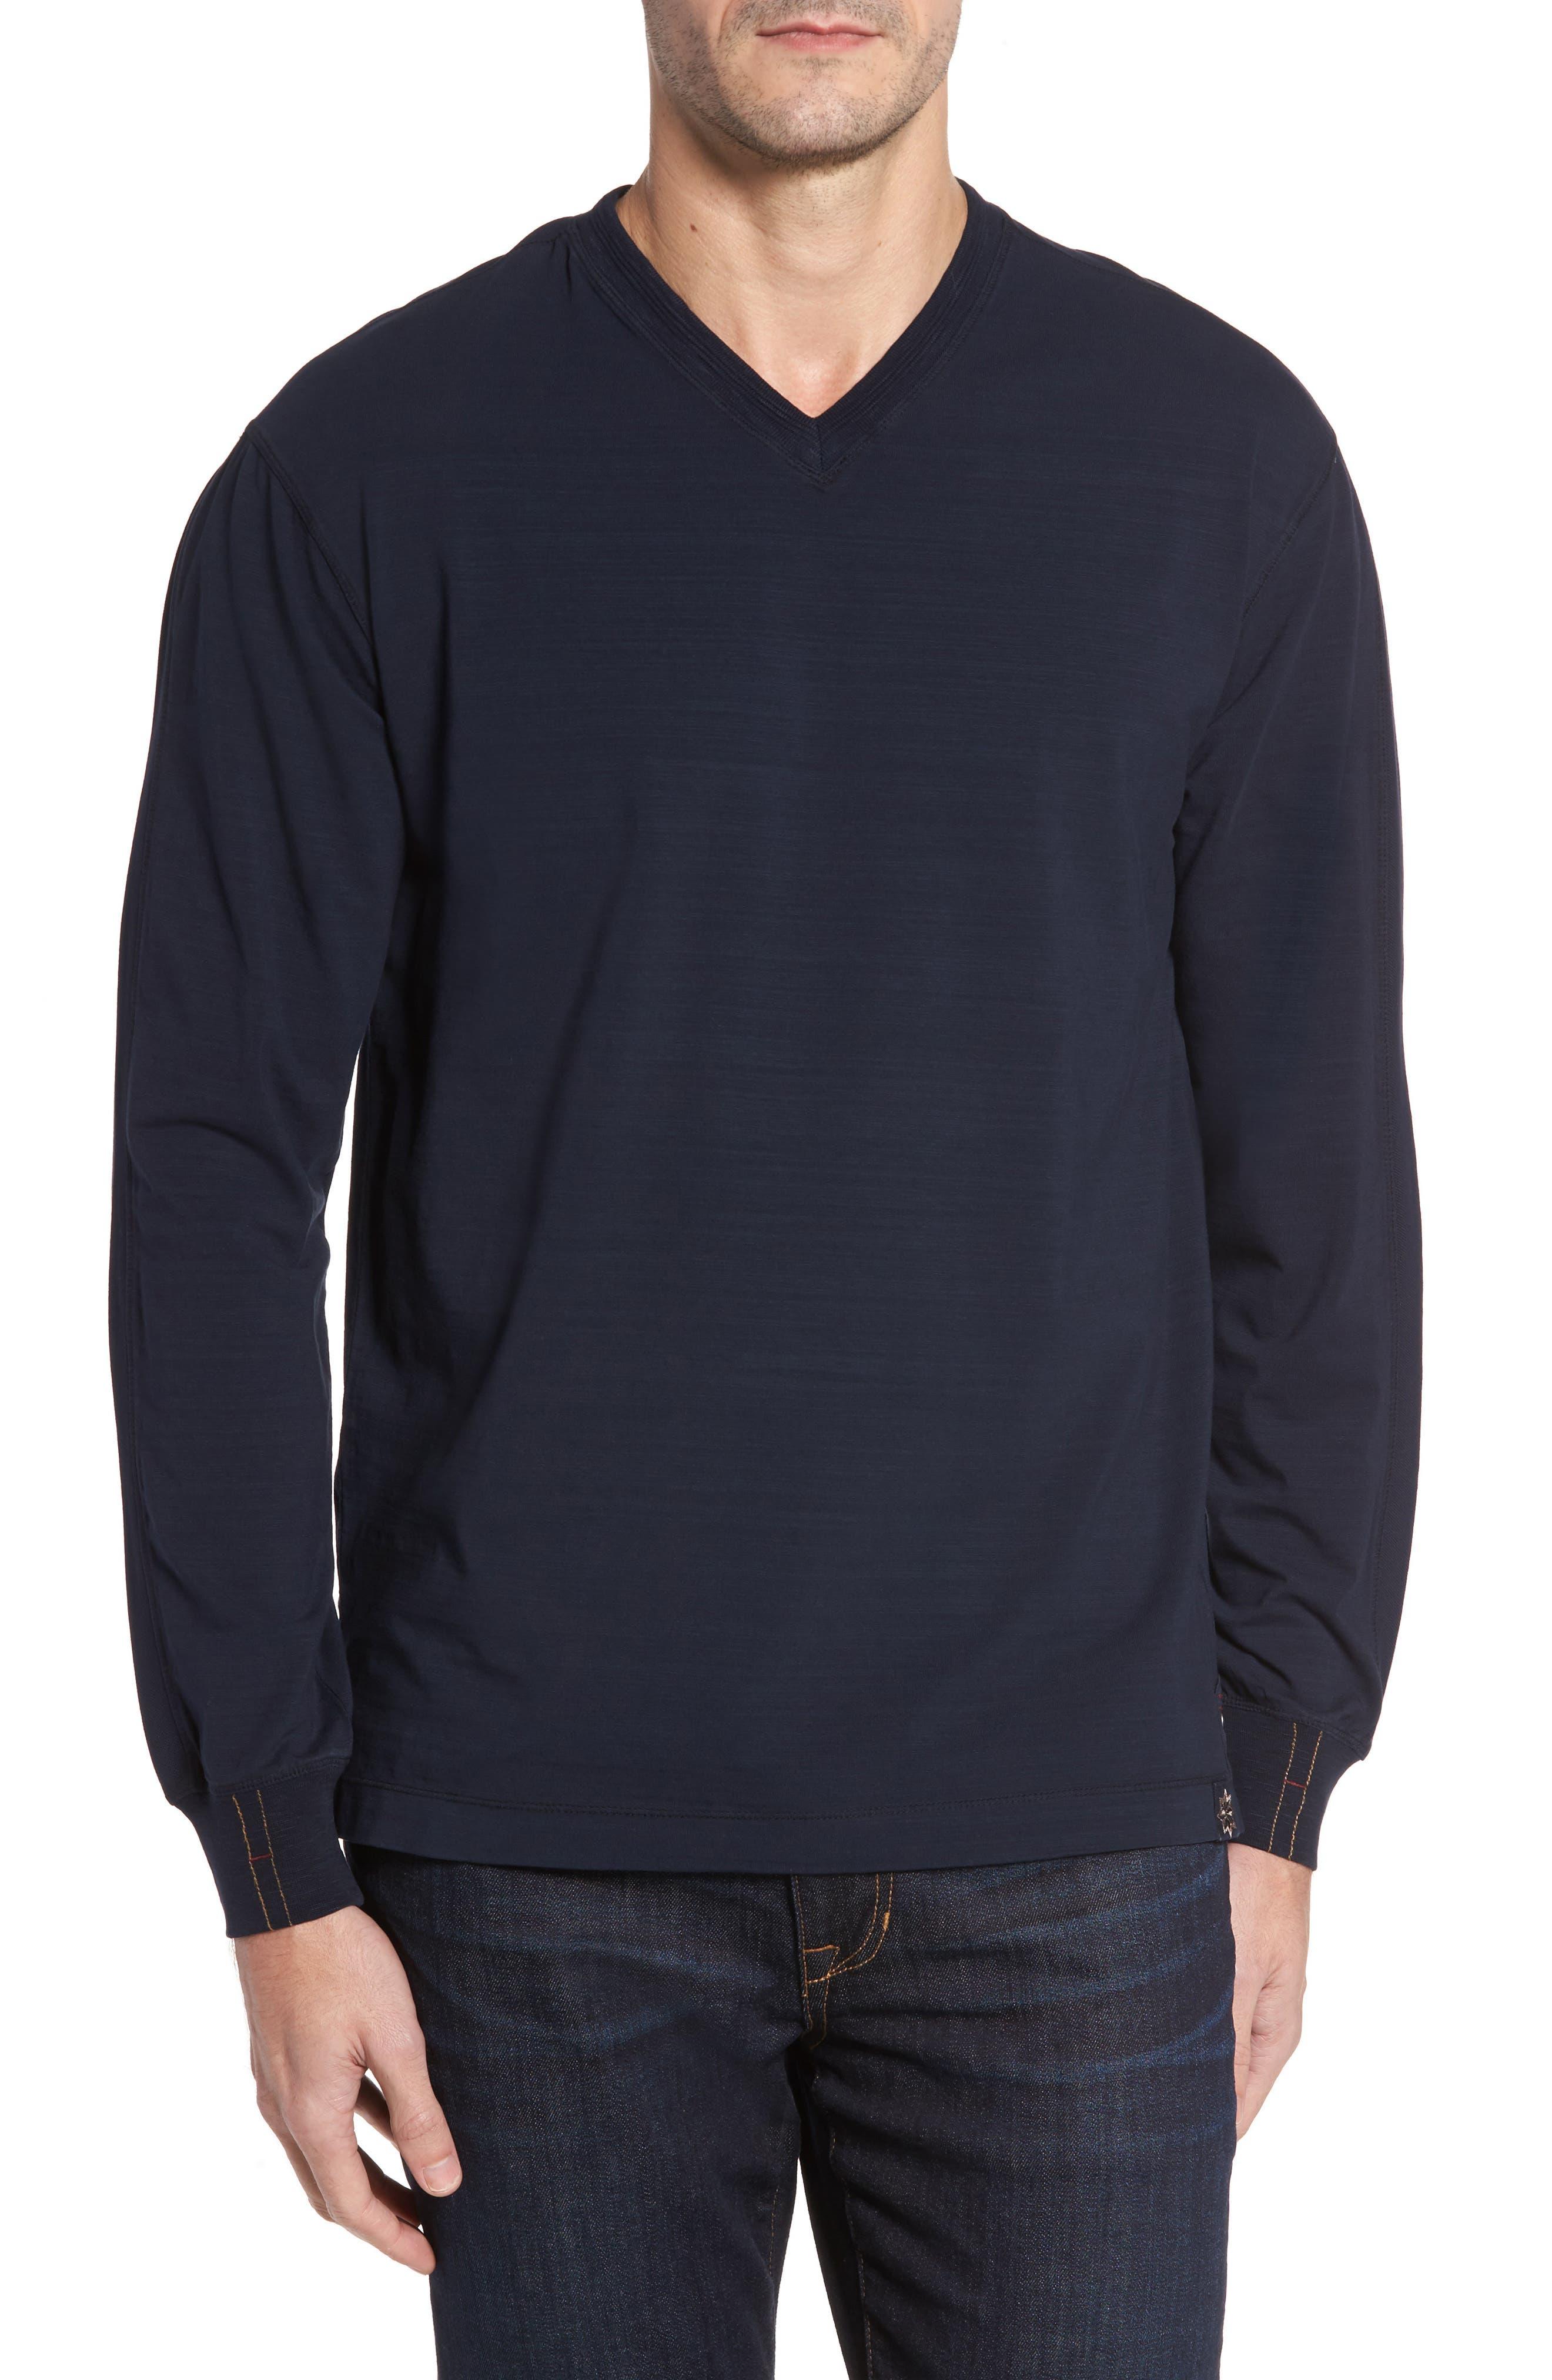 Alternate Image 1 Selected - Thaddeus Vinn Slubbed Long Sleeve V-Neck T-Shirt